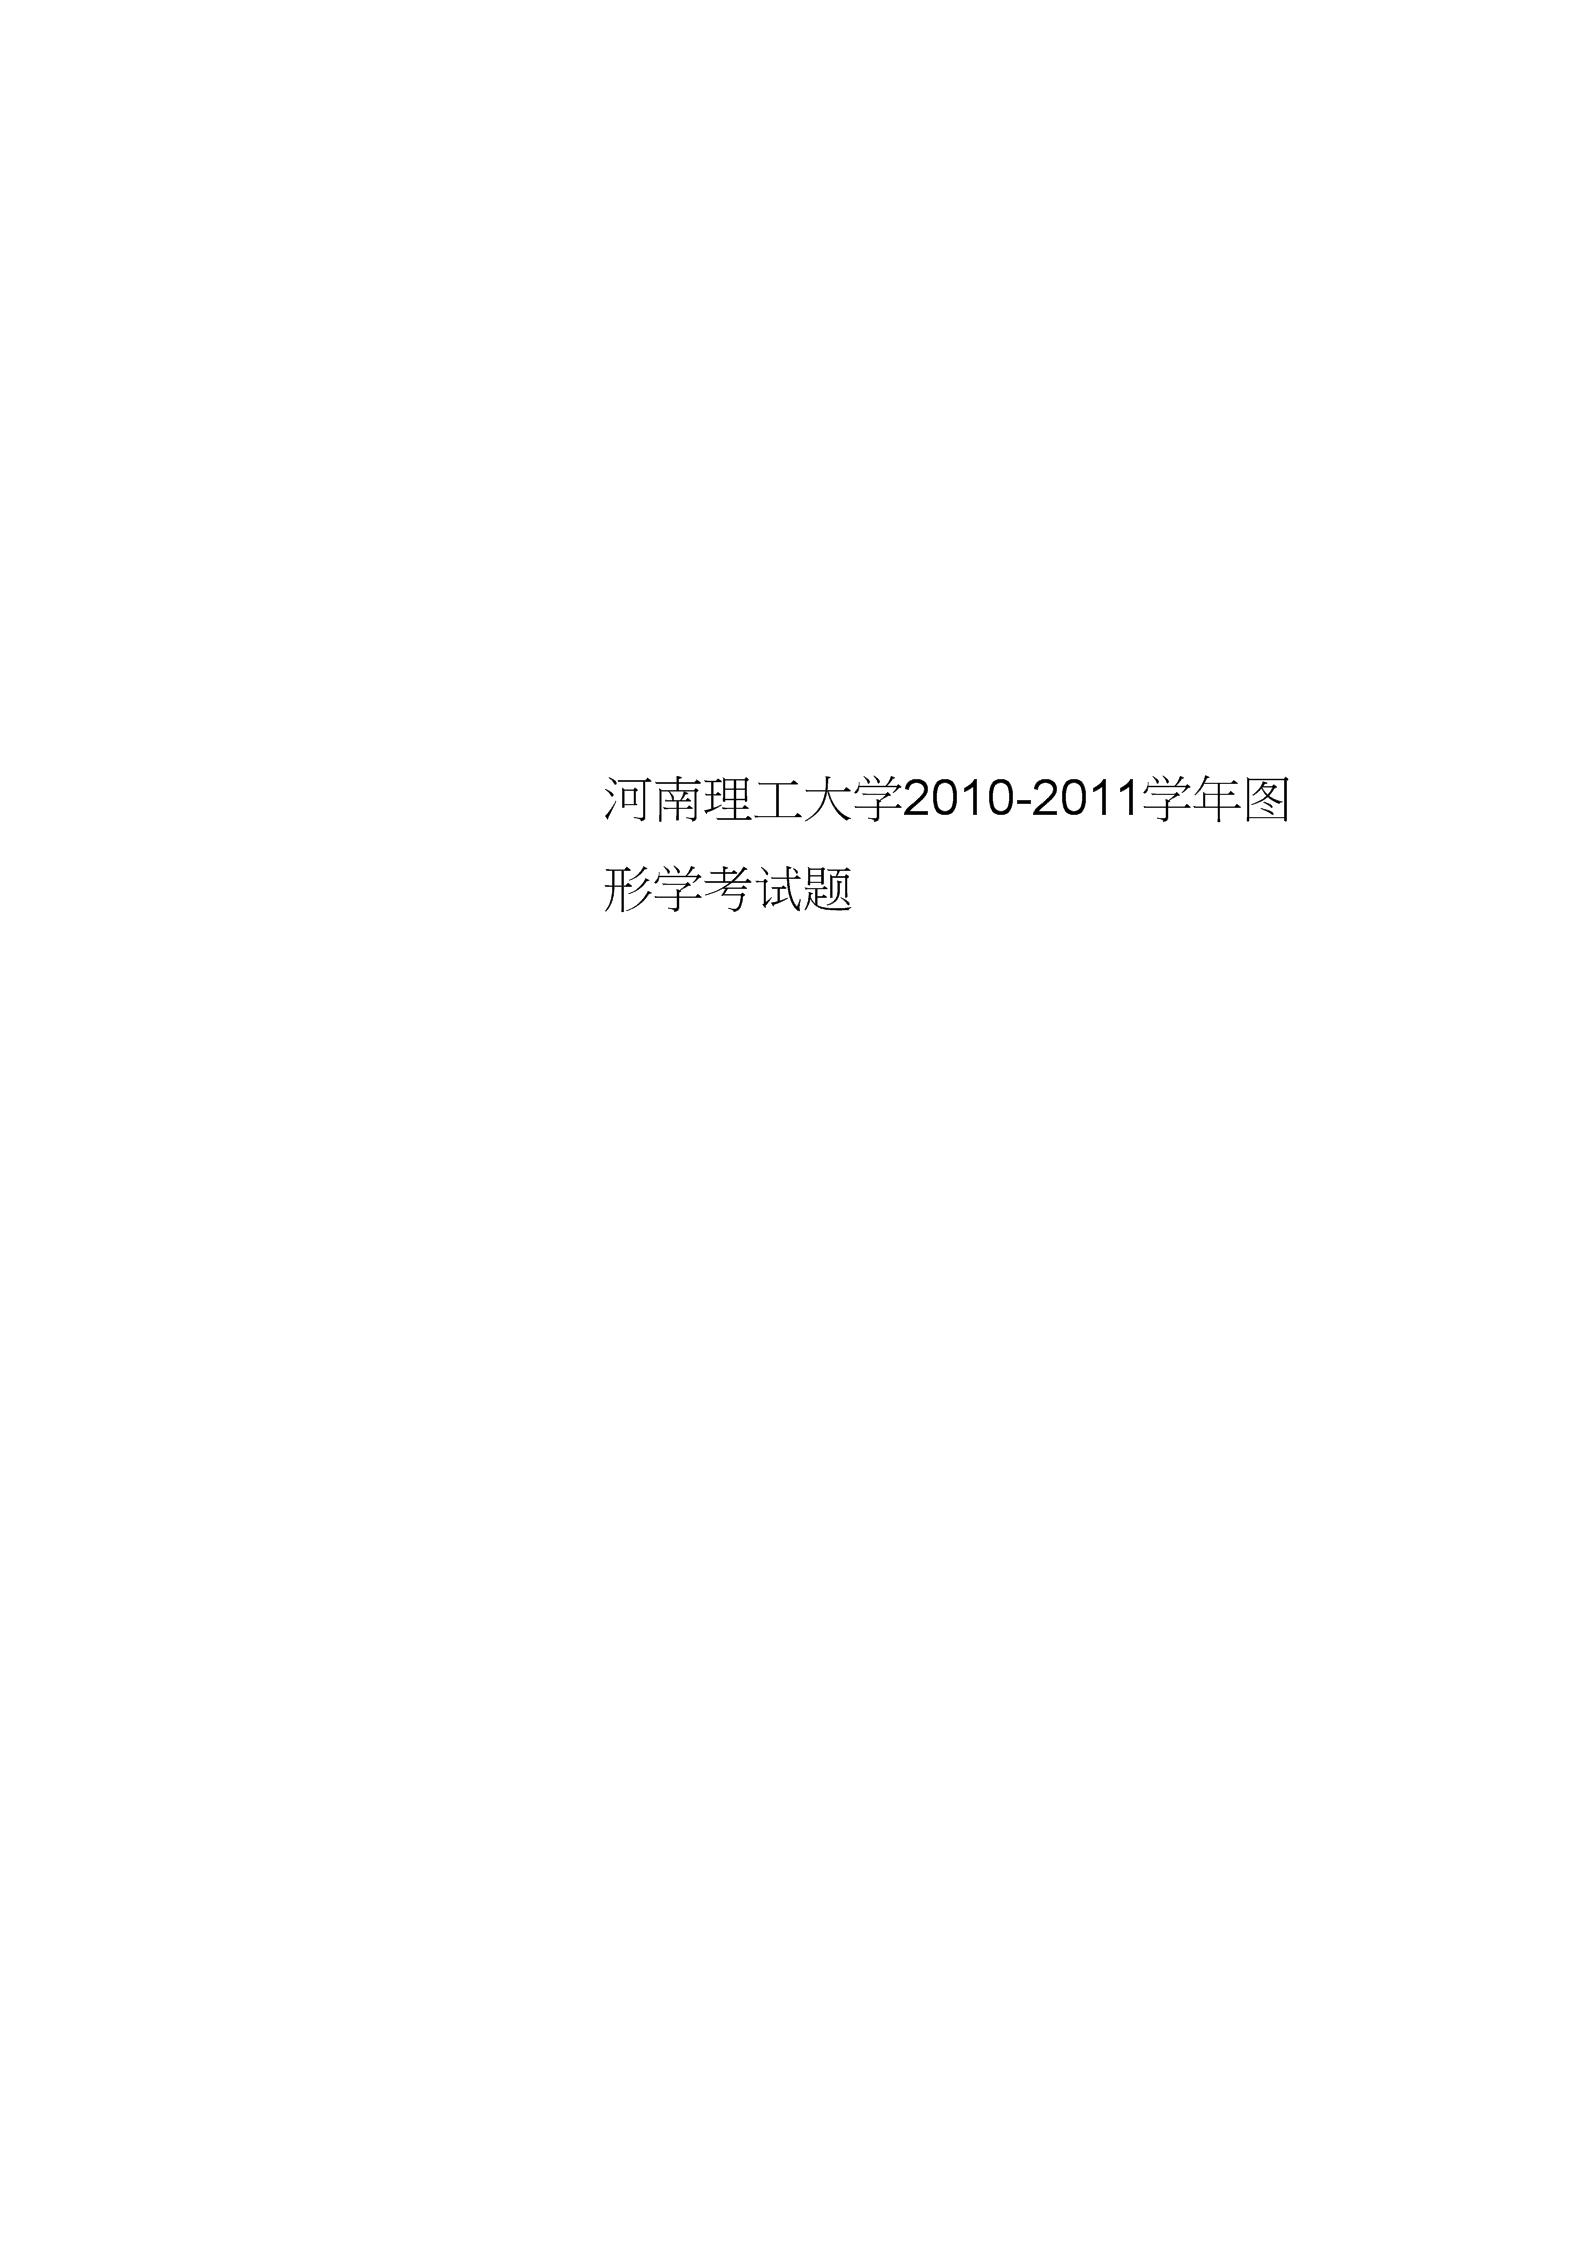 河南理工大学2010-2011学年图形学考试题.docx